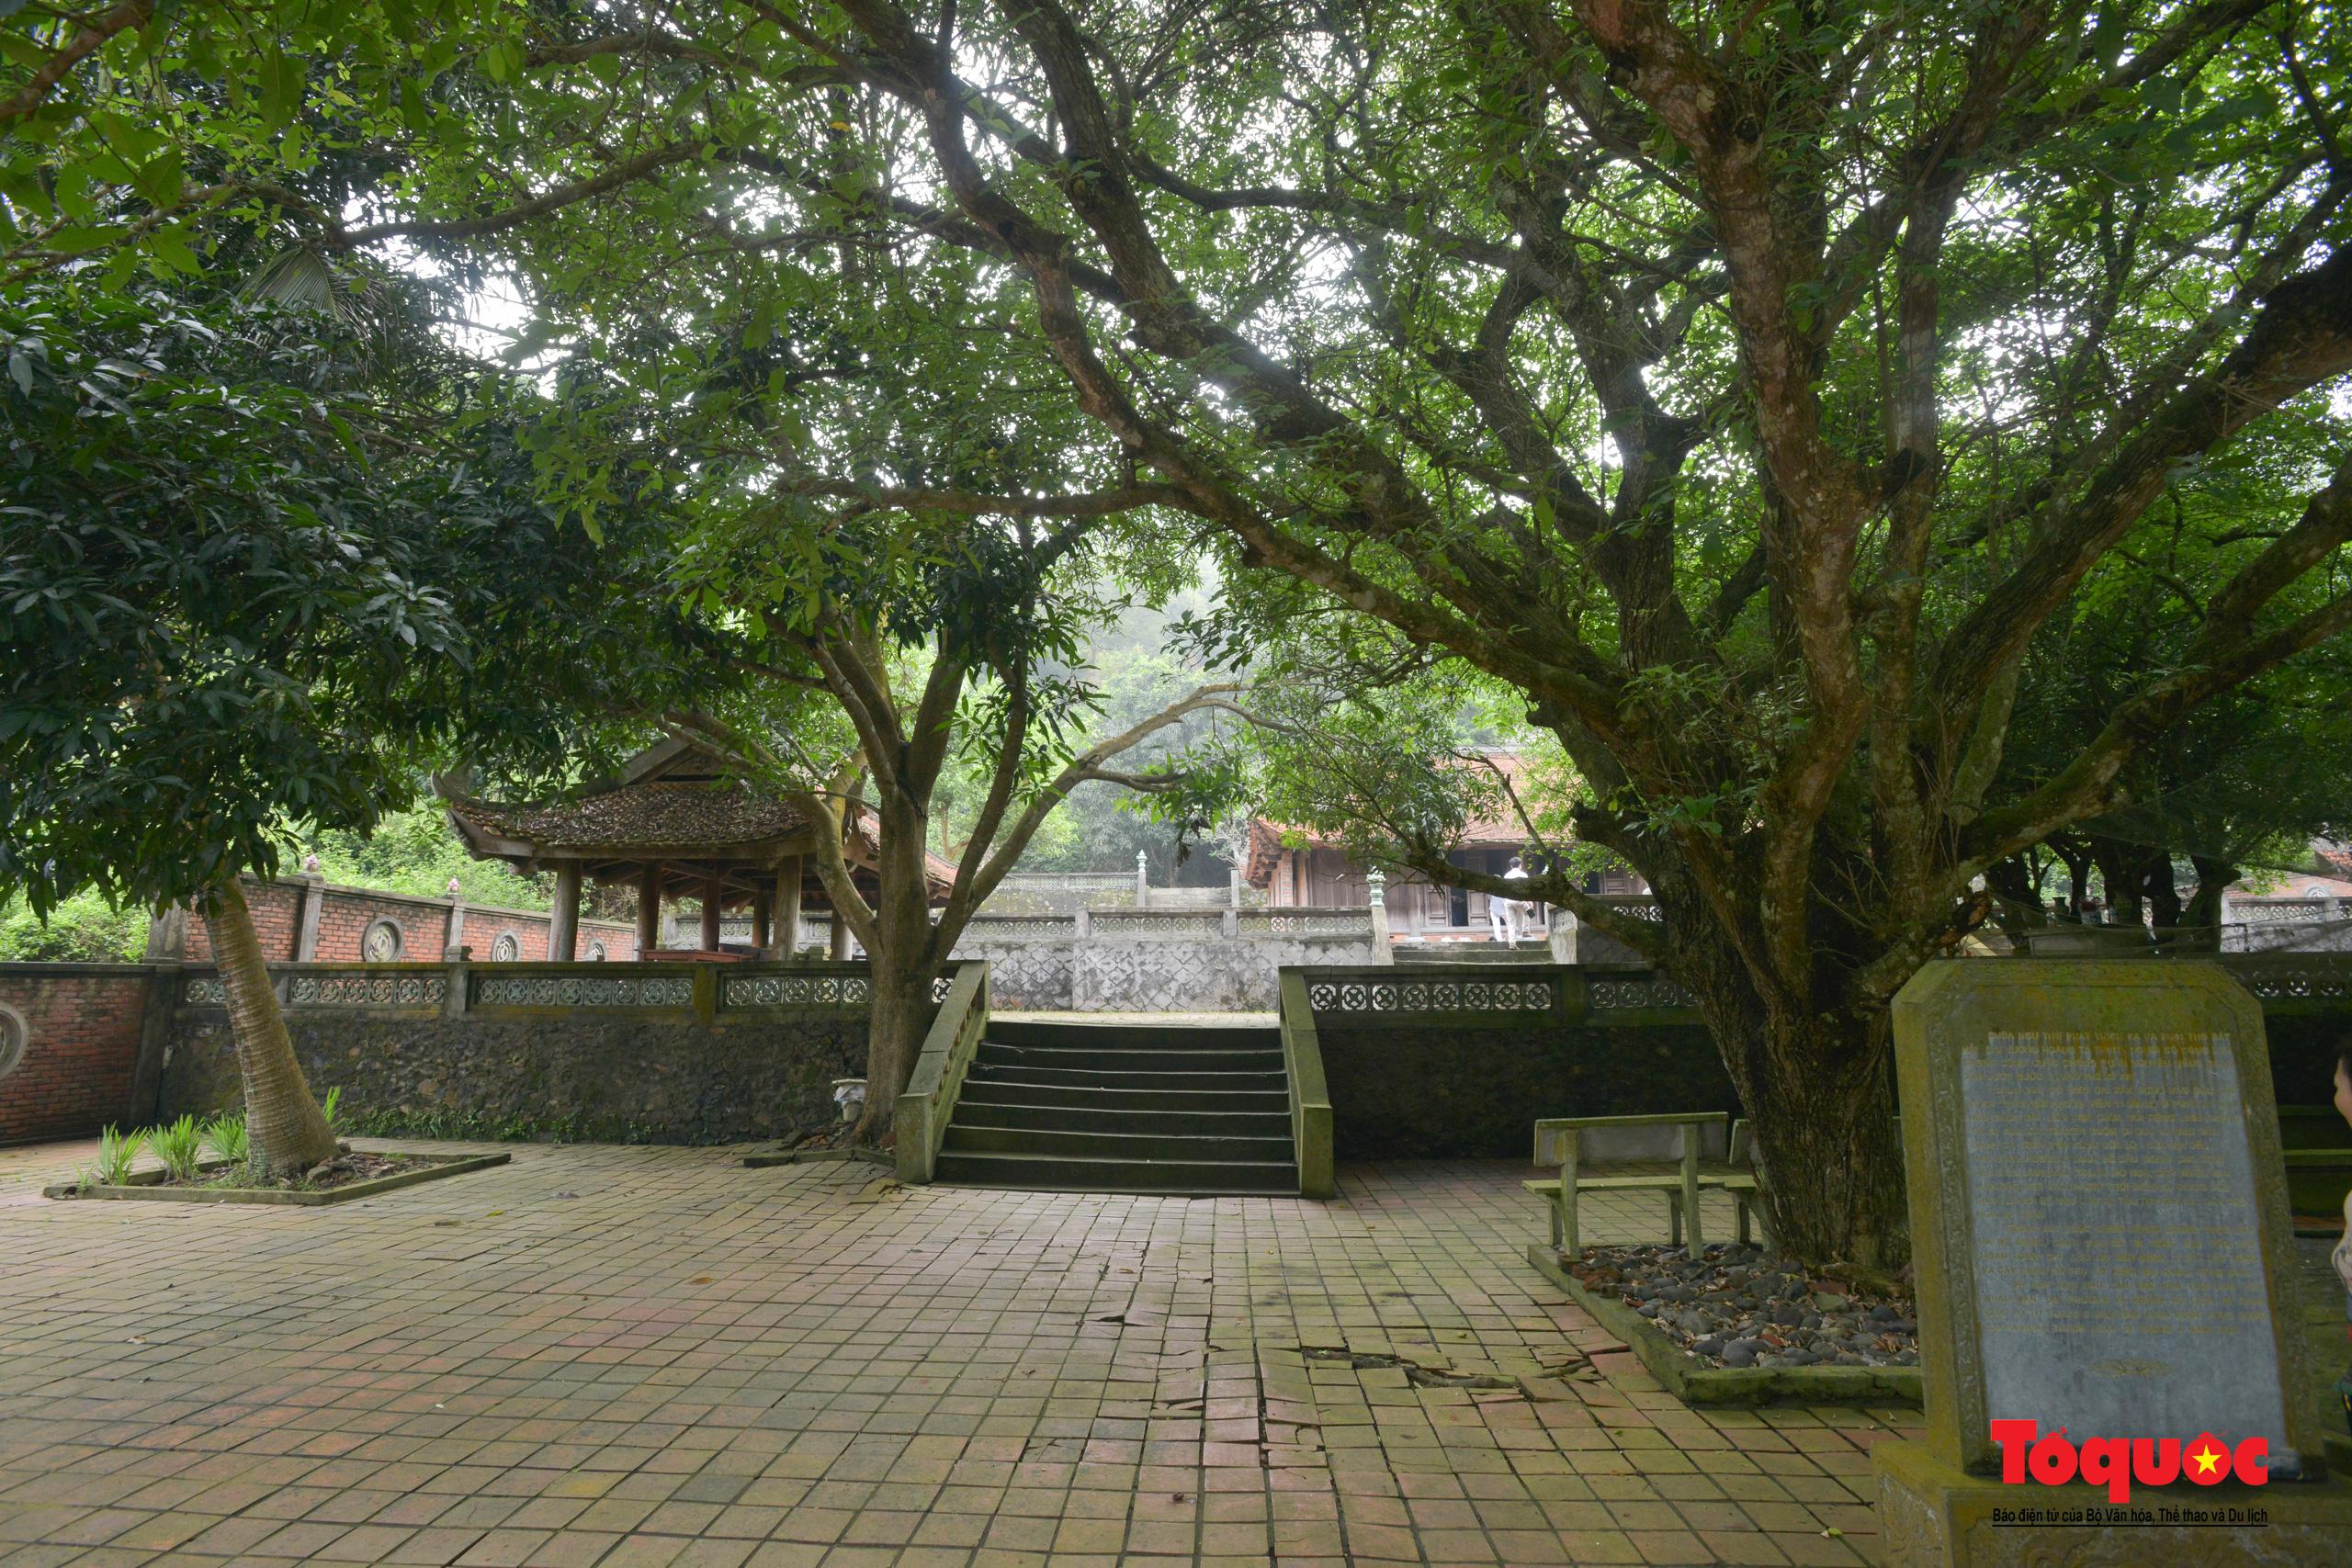 Khám phá ngôi chùa 800 tuổi giữa trùng khơi biển cả - Ảnh 15.